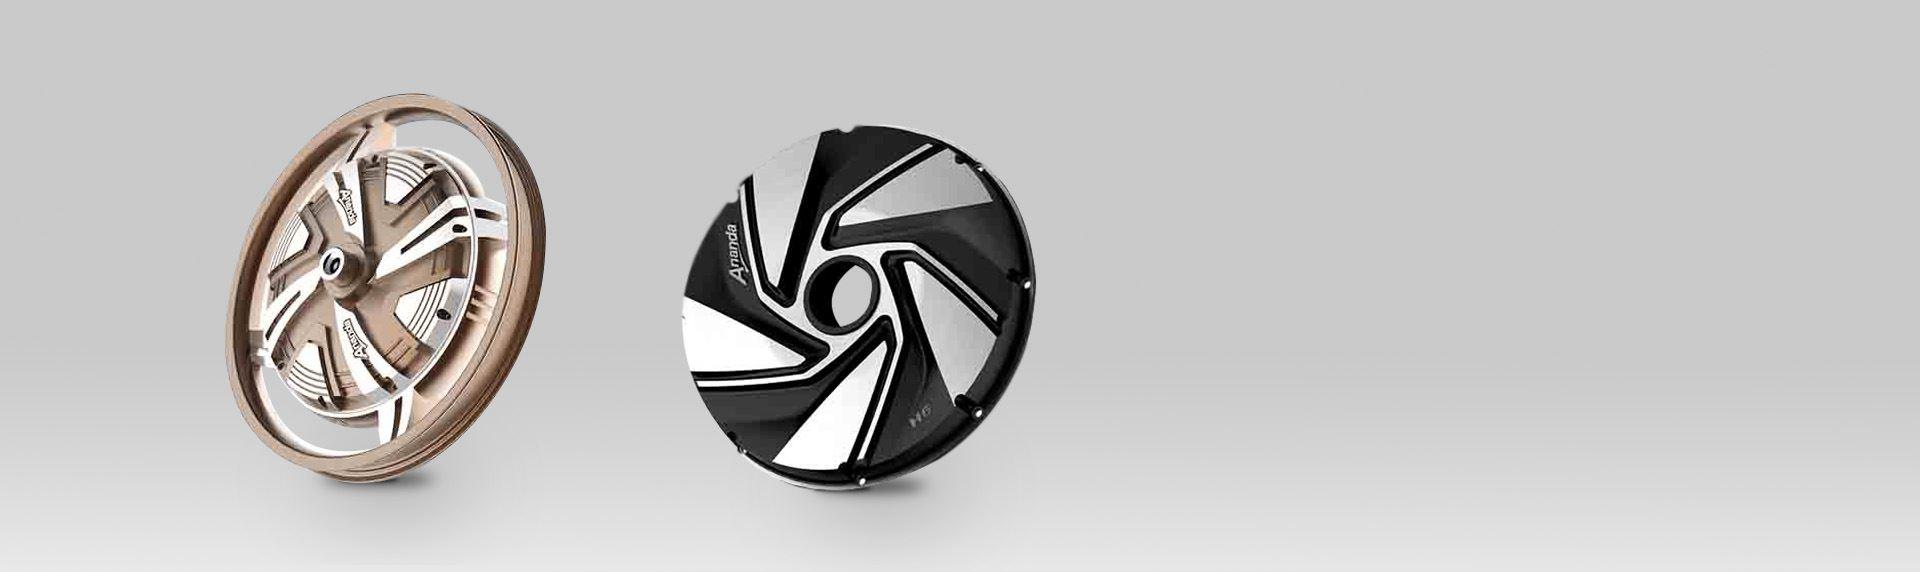 智网-电动车电机轮毂